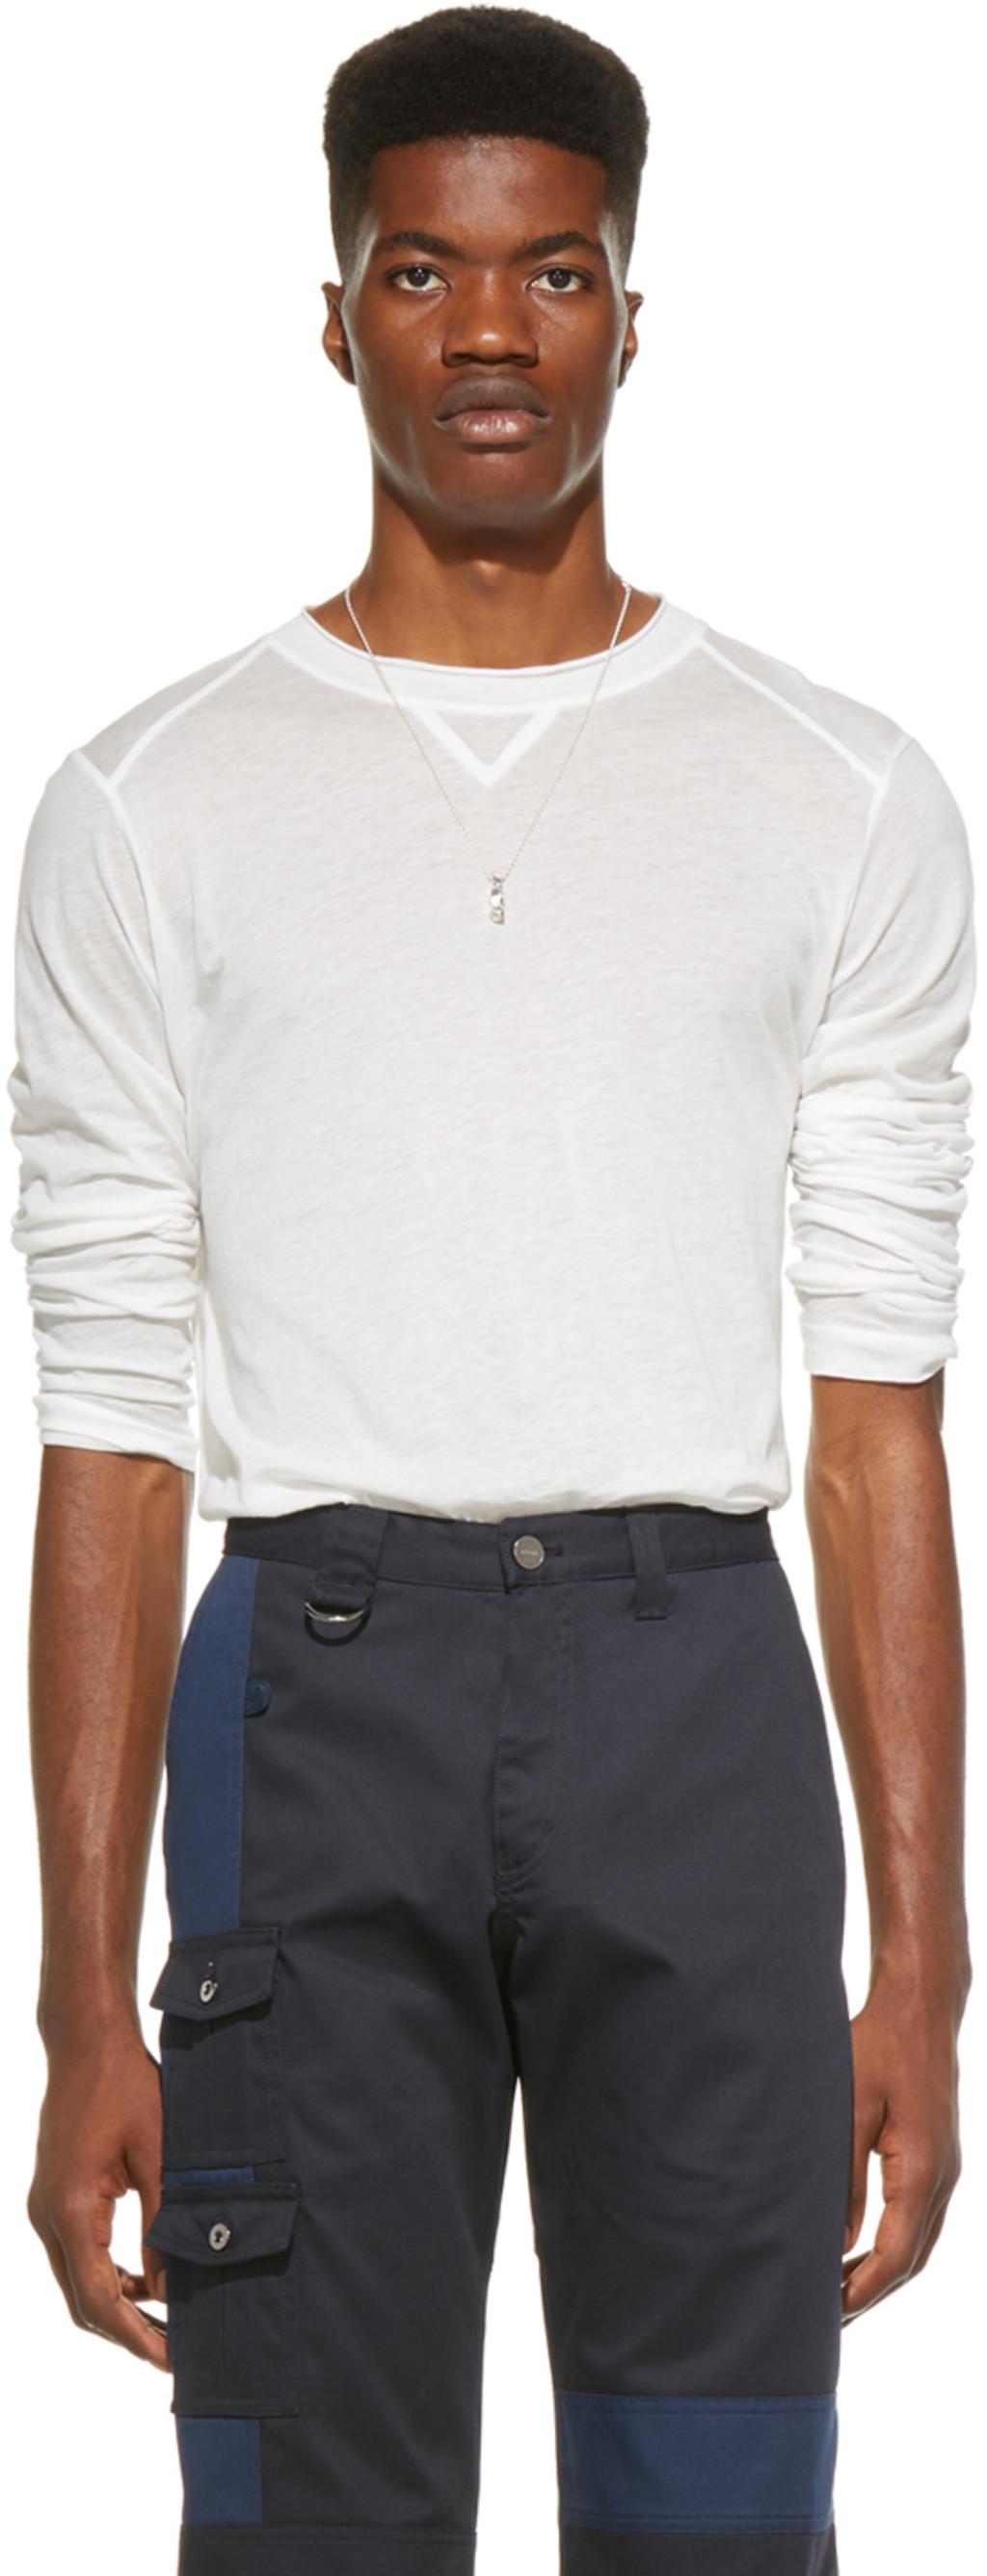 Blanc Manches Shirt T Yvan' 'le À Longues 8OvmNwn0